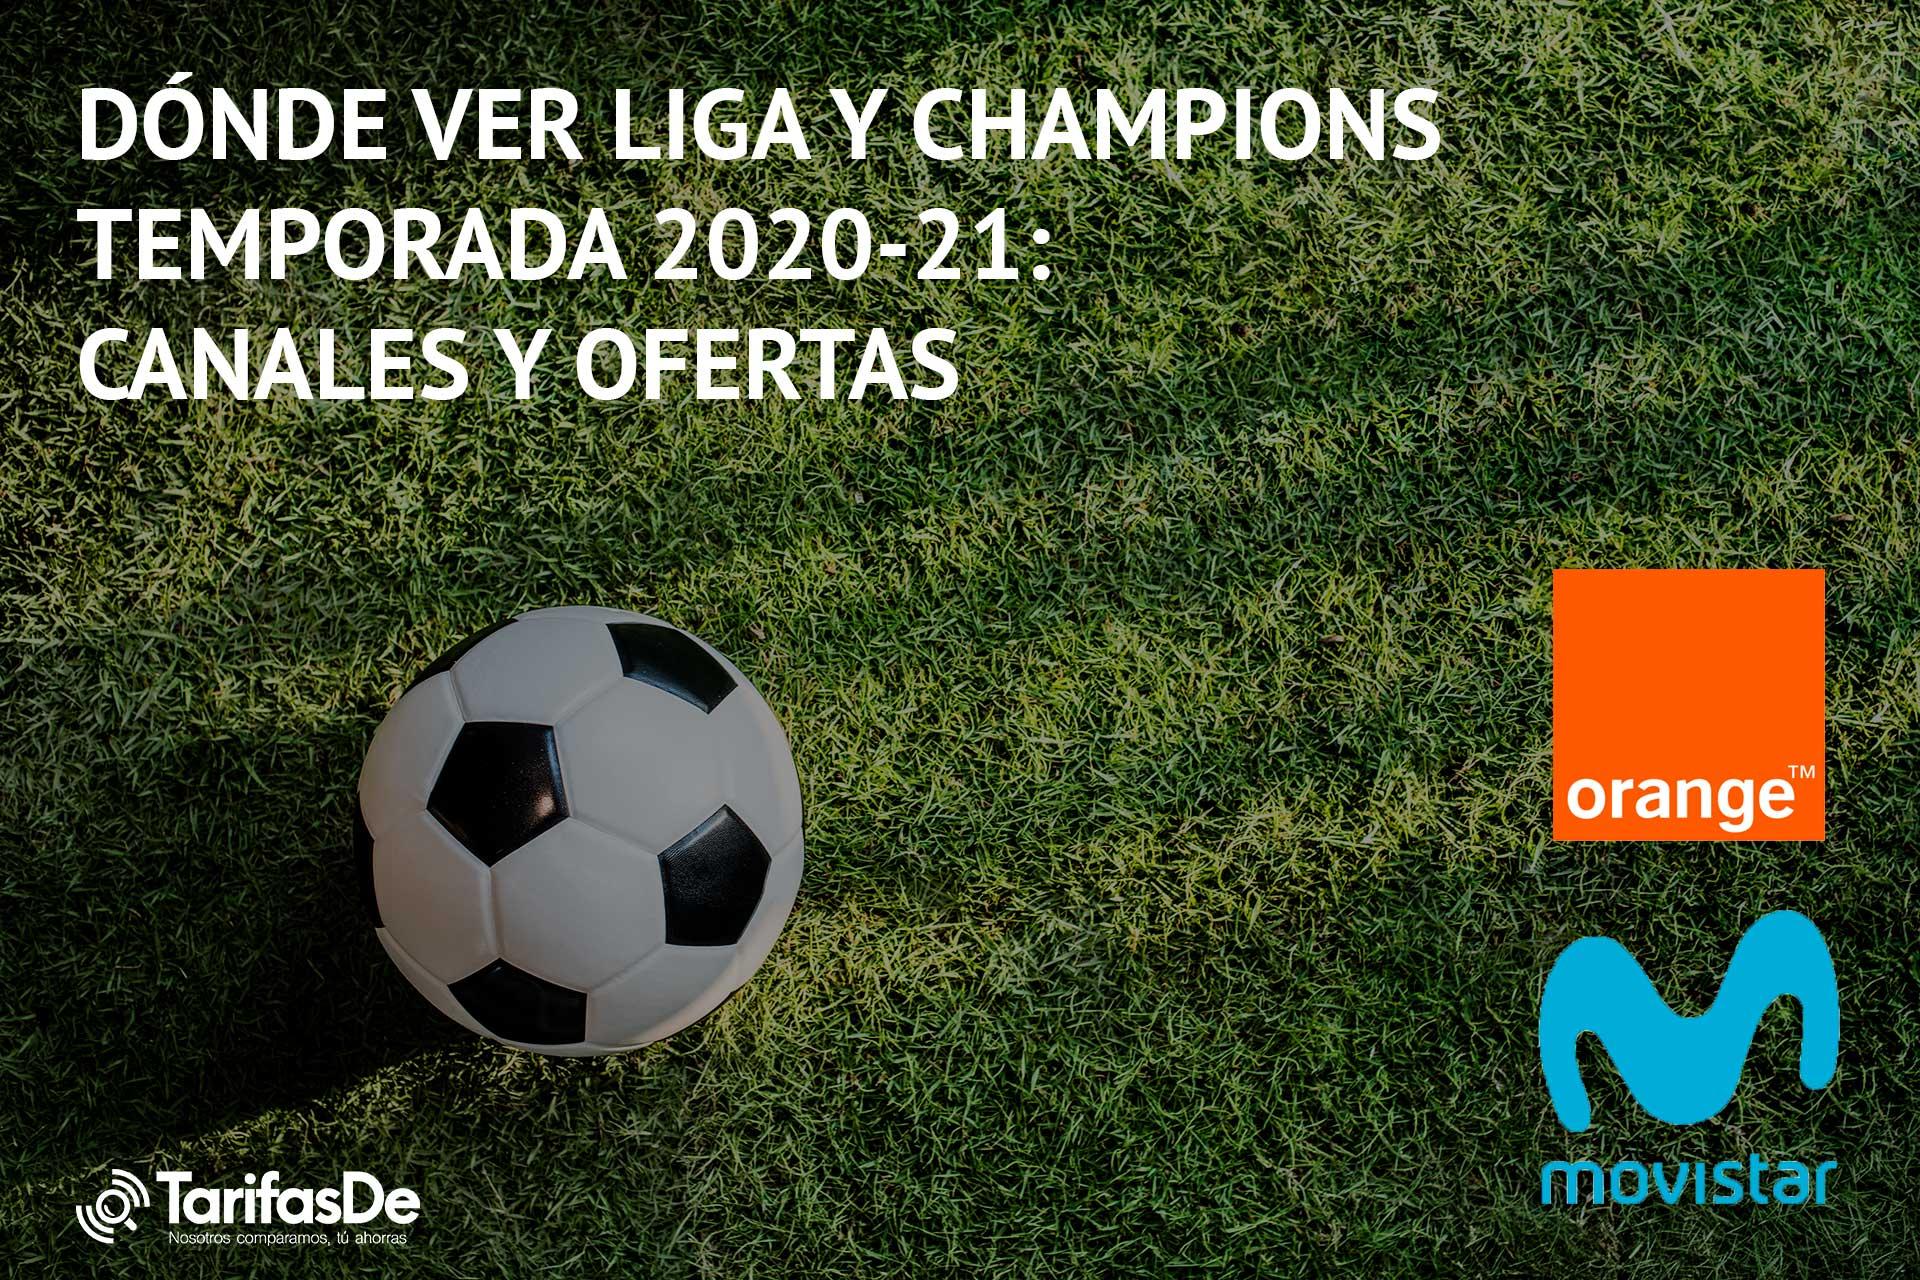 Dónde ver liga y champions temporada 2020-2021